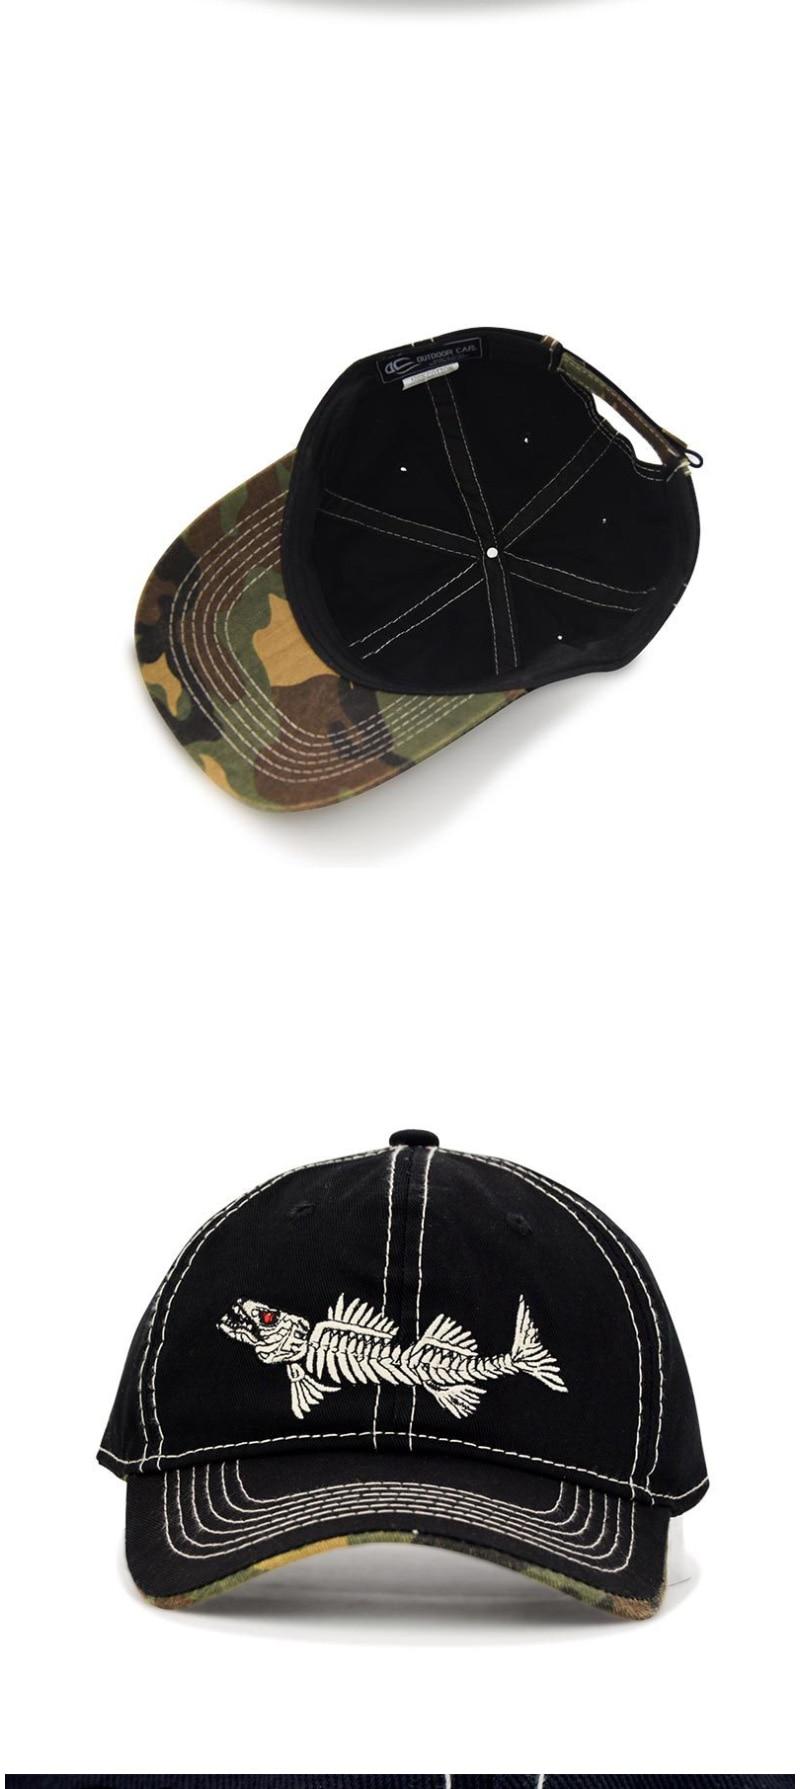 男女棒球帽_户外钓鱼棒球帽百搭鸭舌帽鱼骨头路亚休闲街头---阿里巴巴_06